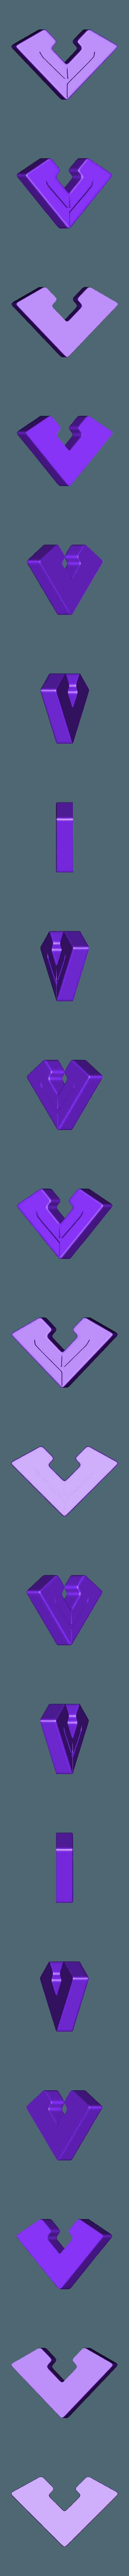 defqon_2.stl Download free STL file DEFQON LOGO • 3D printing model, BODY3D